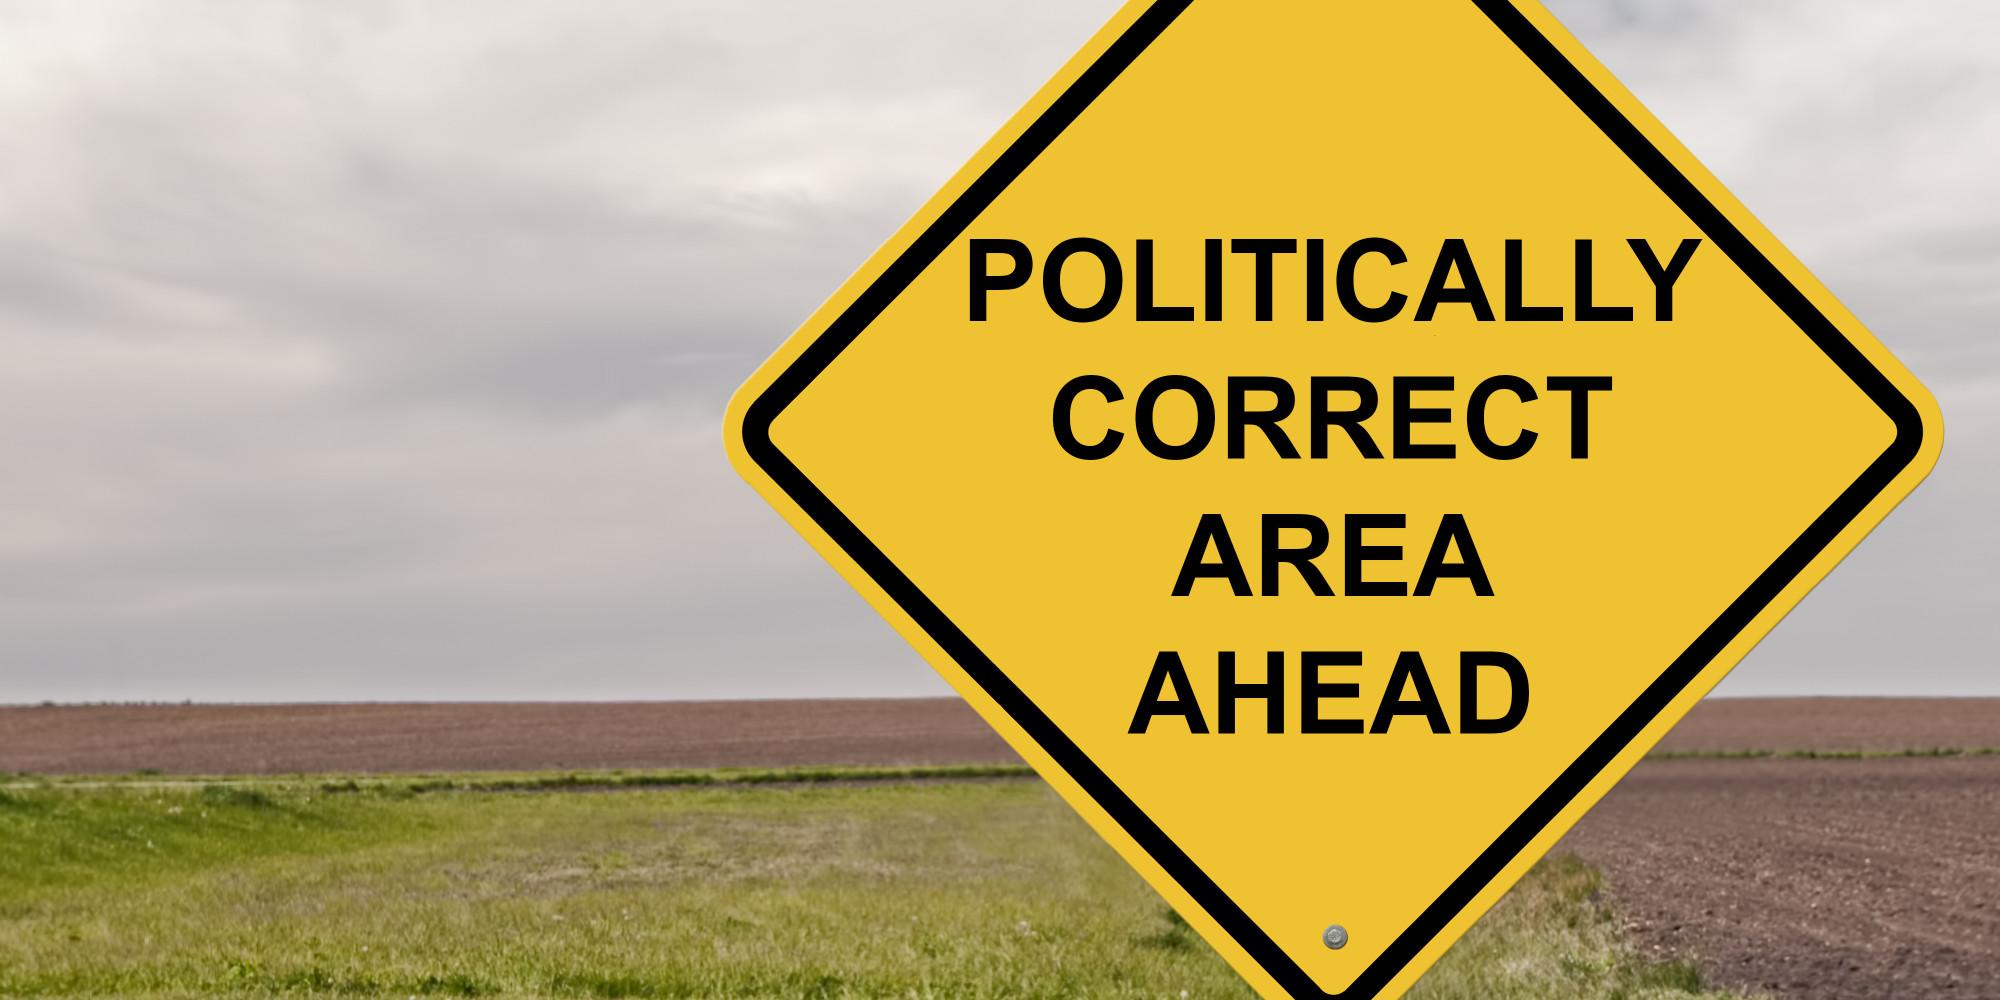 πολιτική ορθότητα